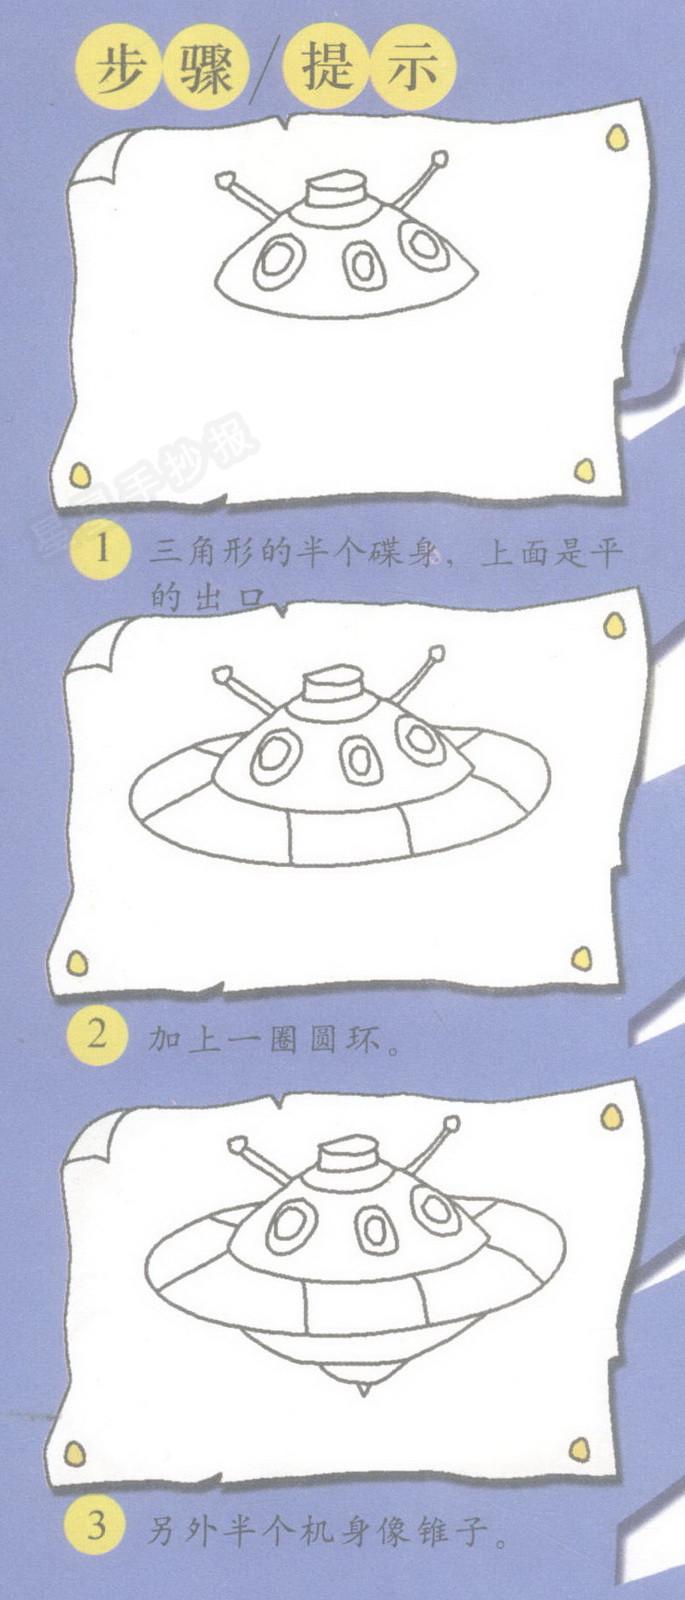 飞碟简笔画